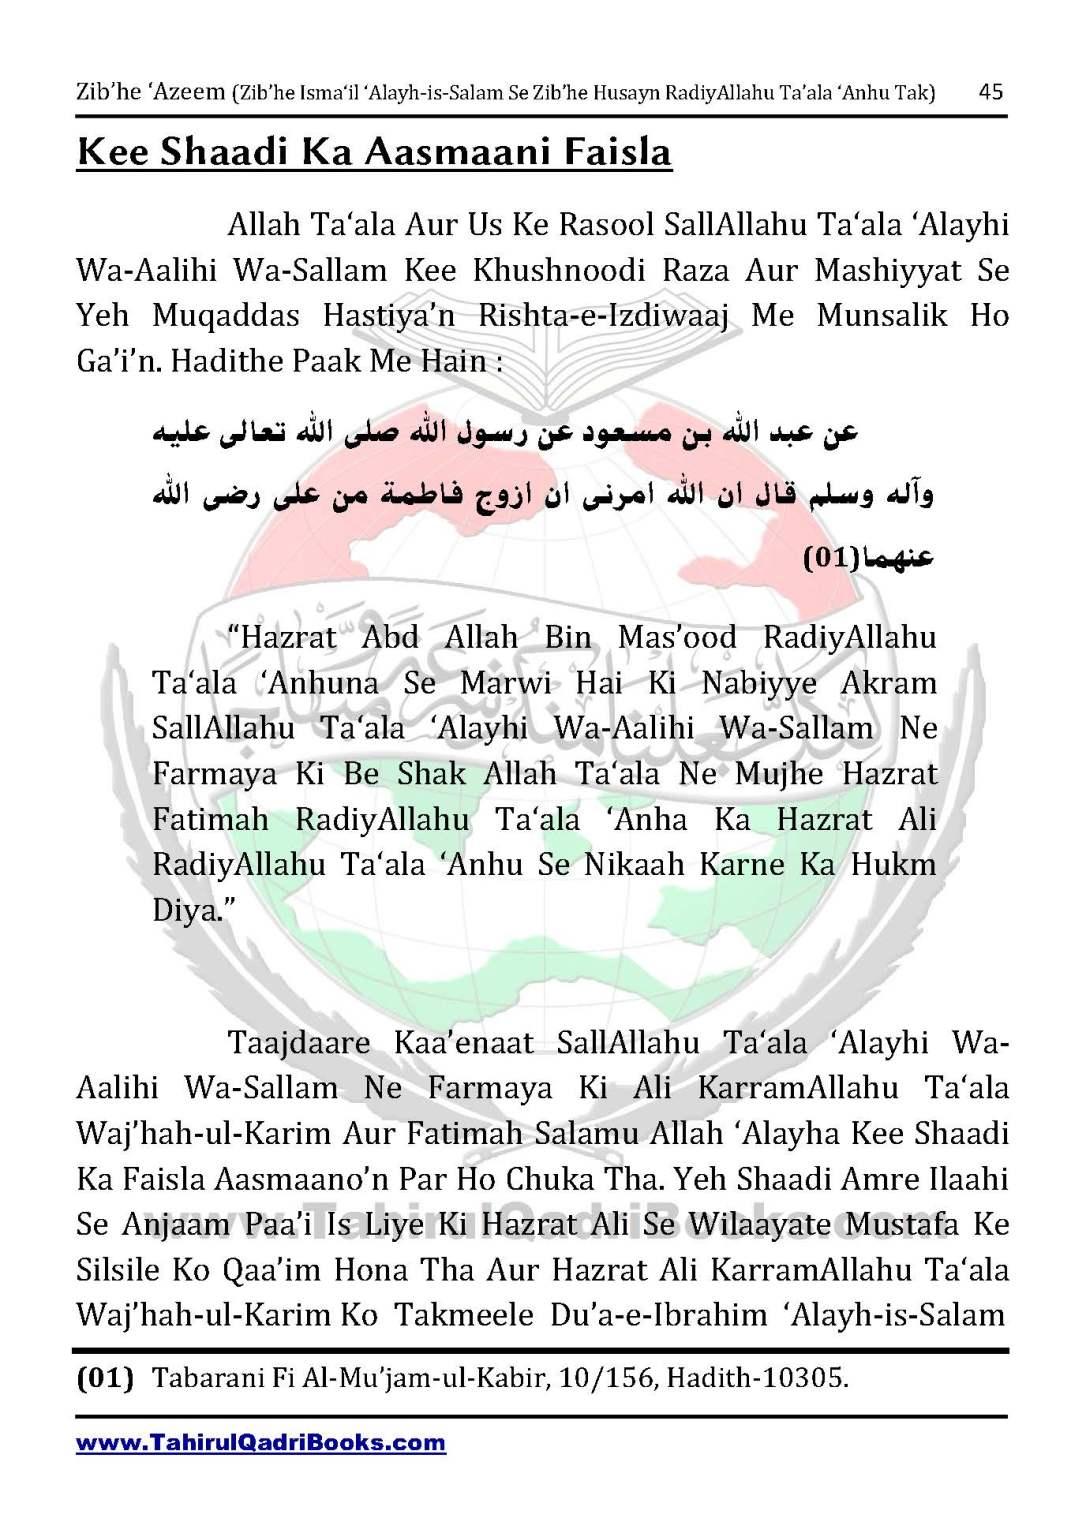 zib_he-e28098azeem-zib_he-ismacabbil-se-zib_he-husayn-tak-in-roman-urdu-unlocked_Page_045